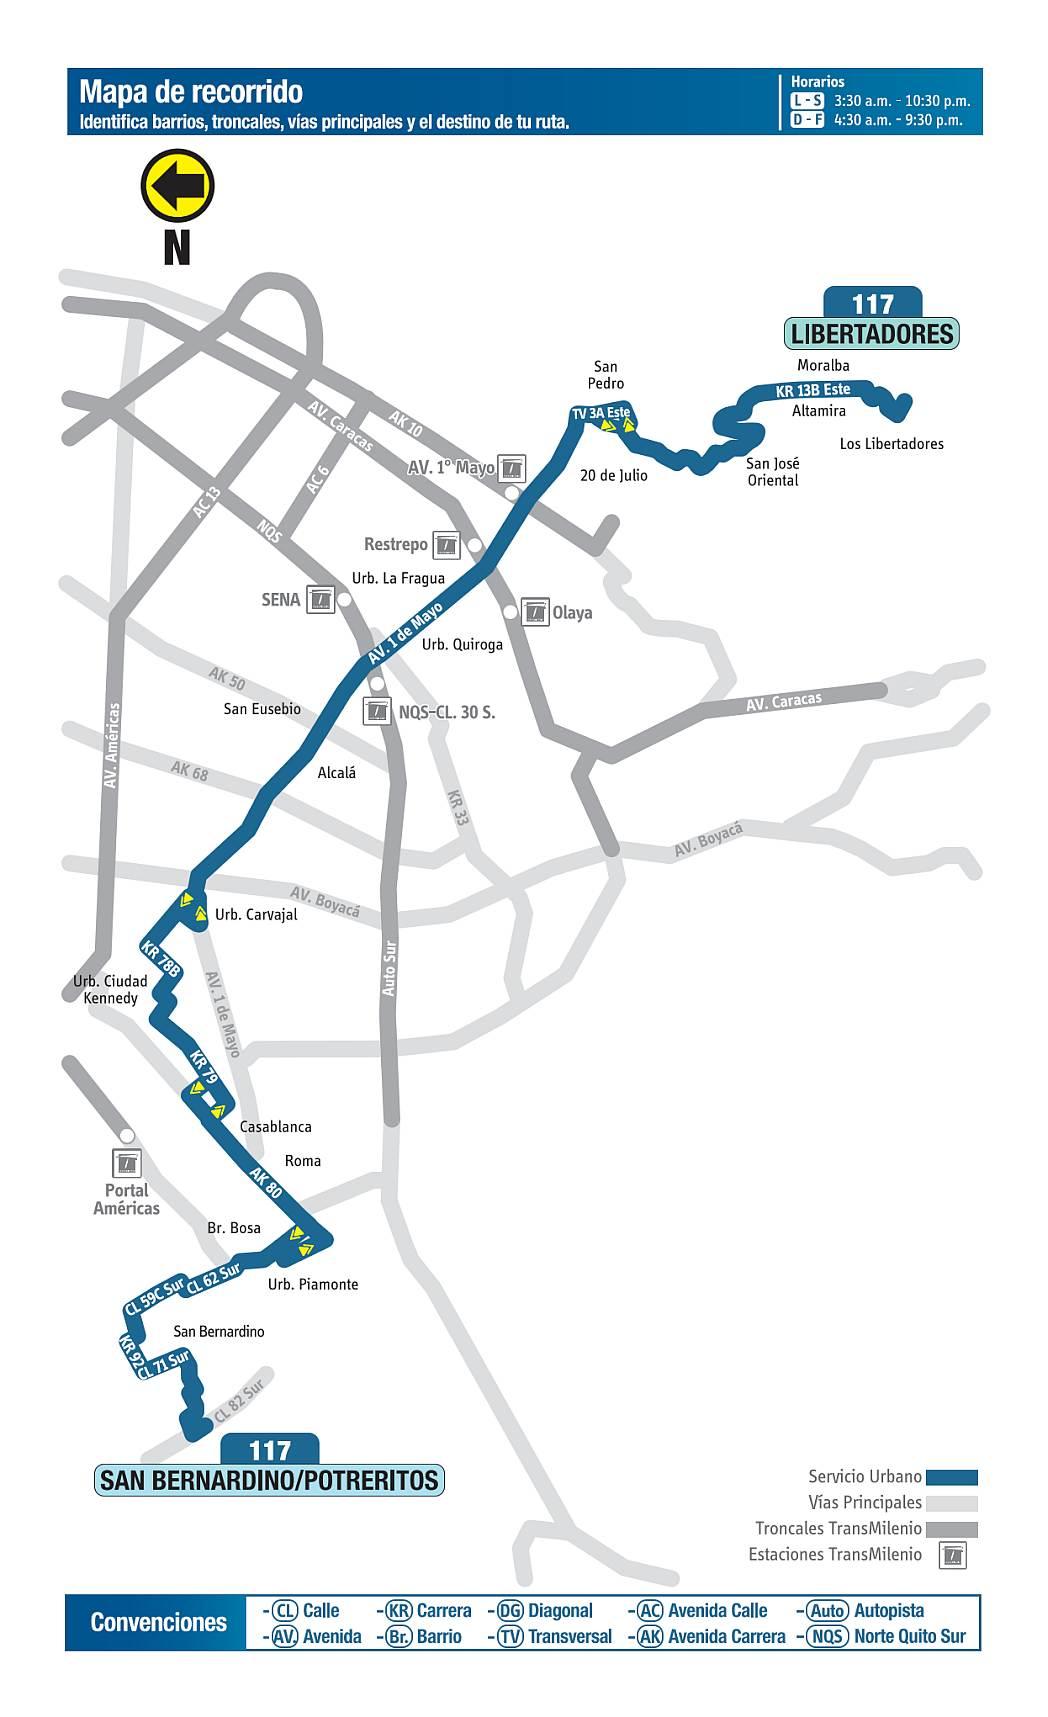 117 San Bernardino - Potreritos - Libertadores, ruta bus urbano Bogotá